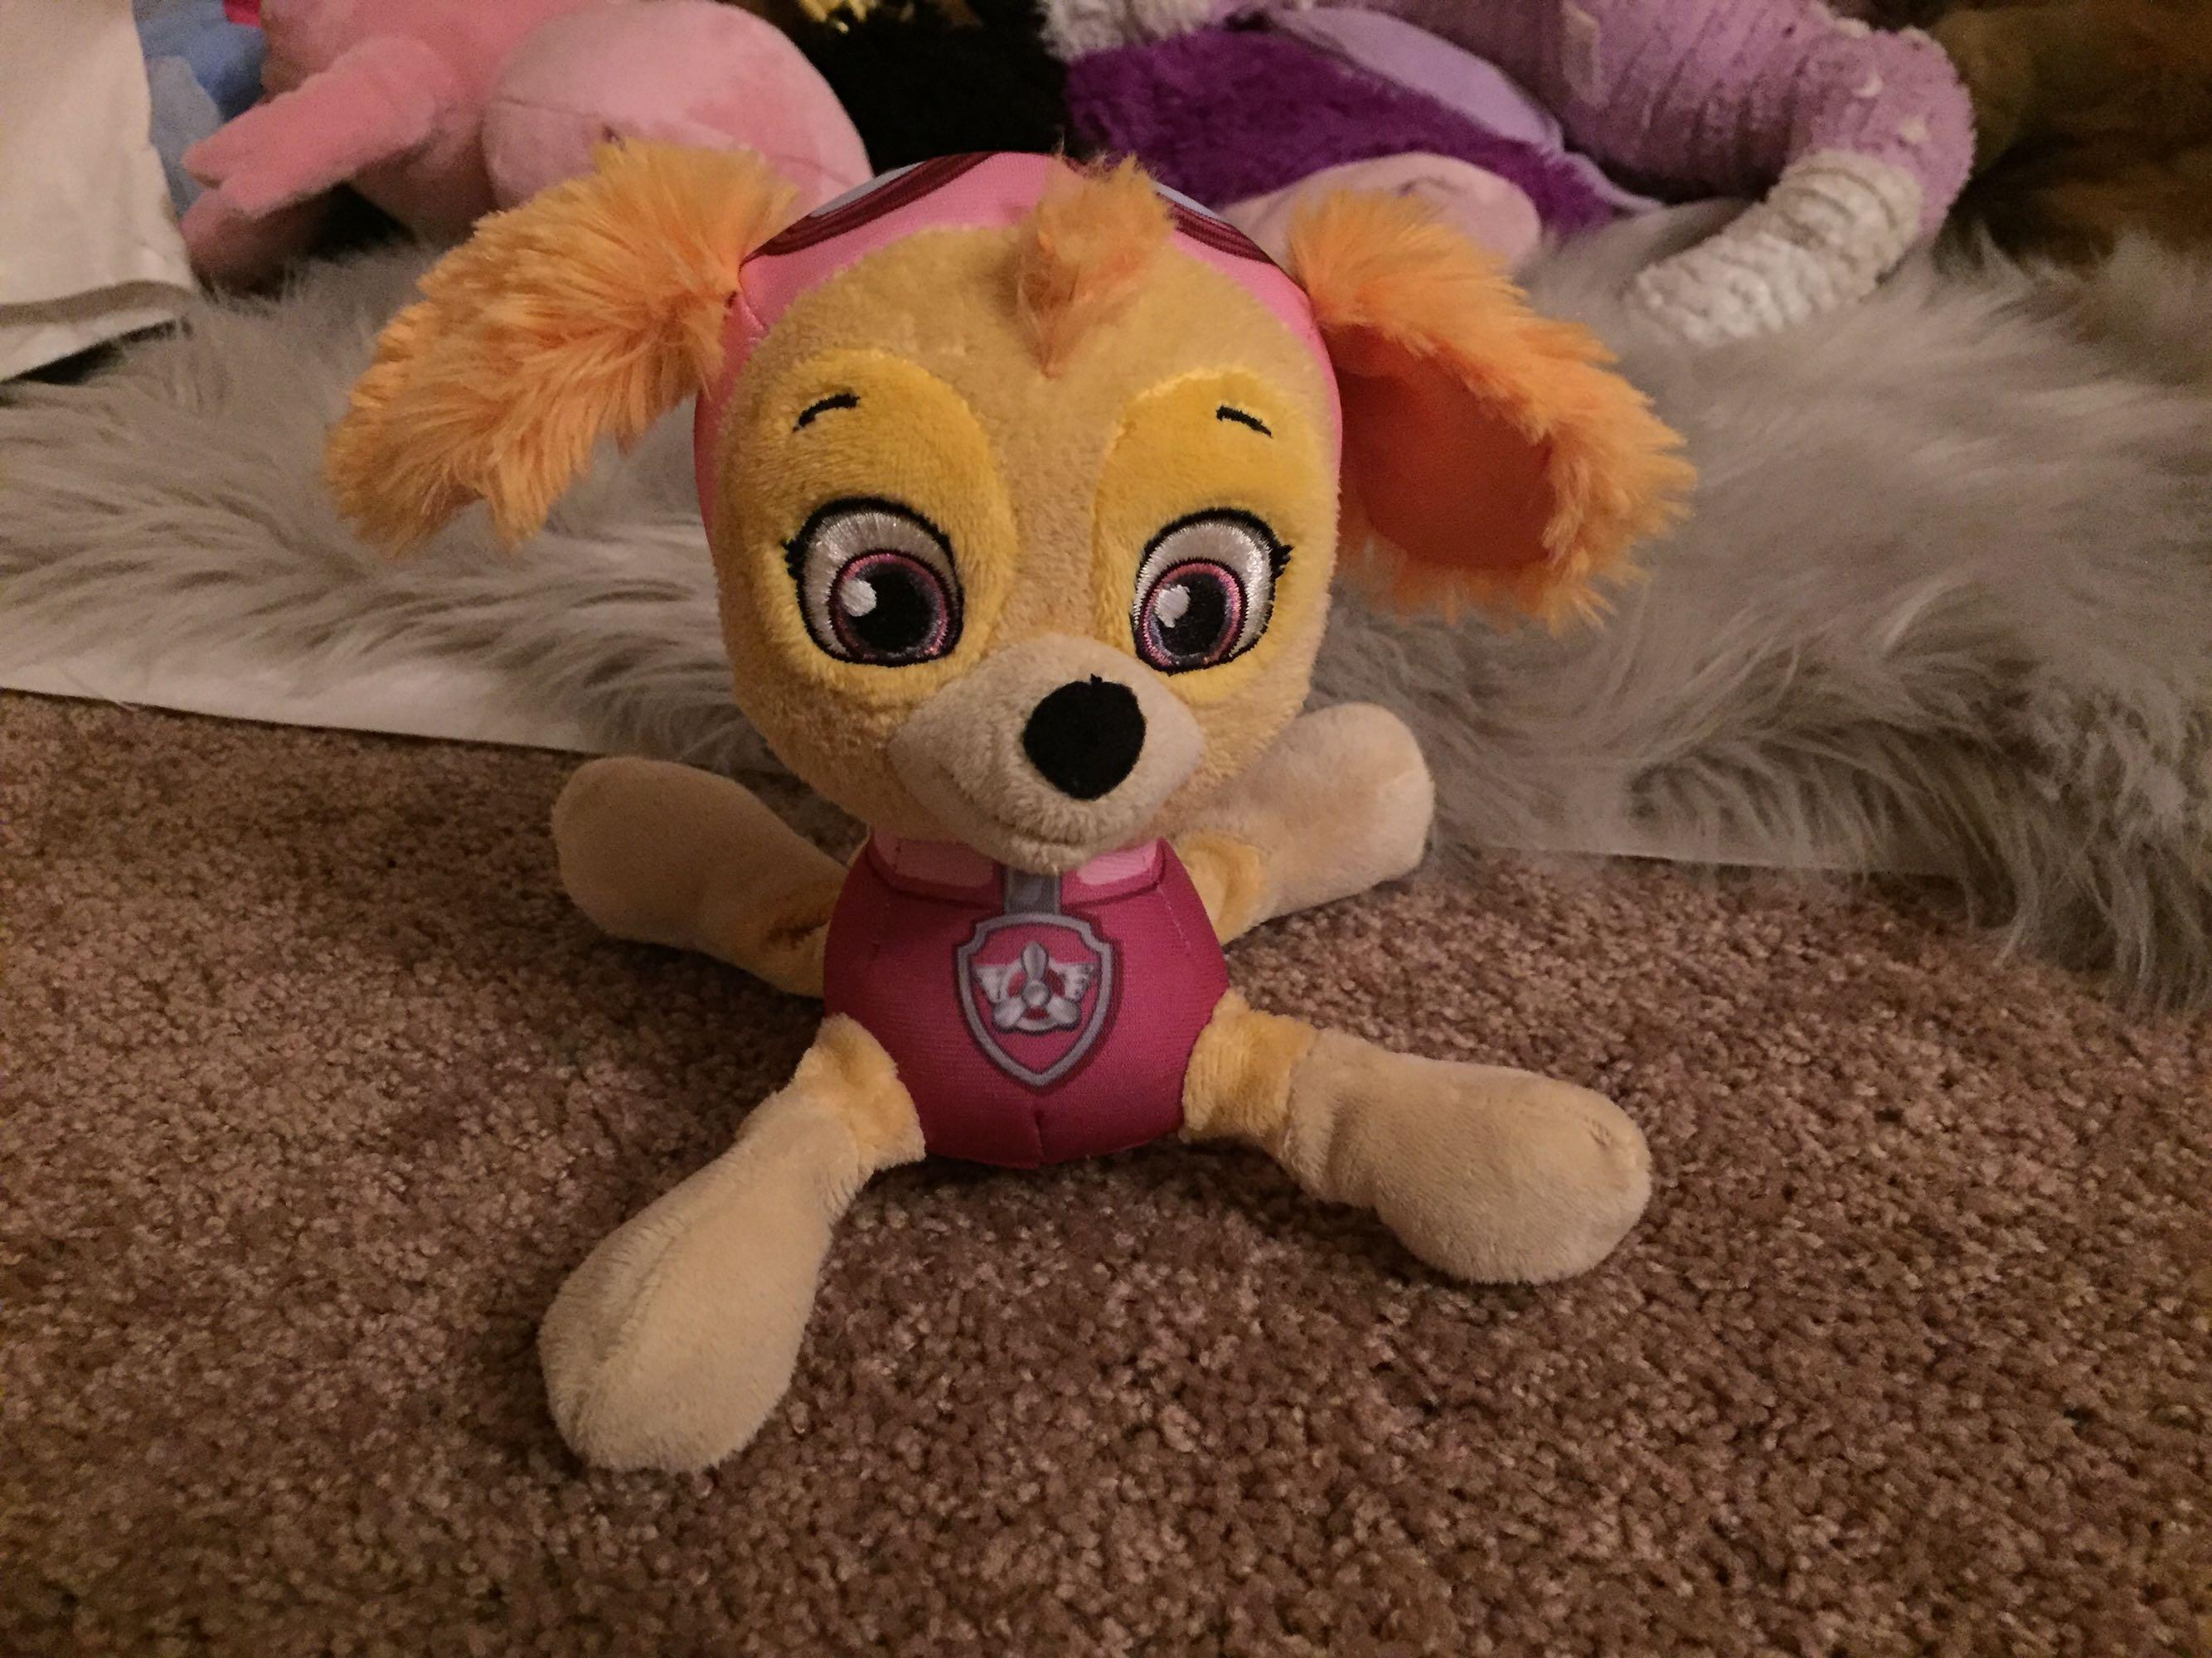 Paw Patrol Plush Puppy Doll